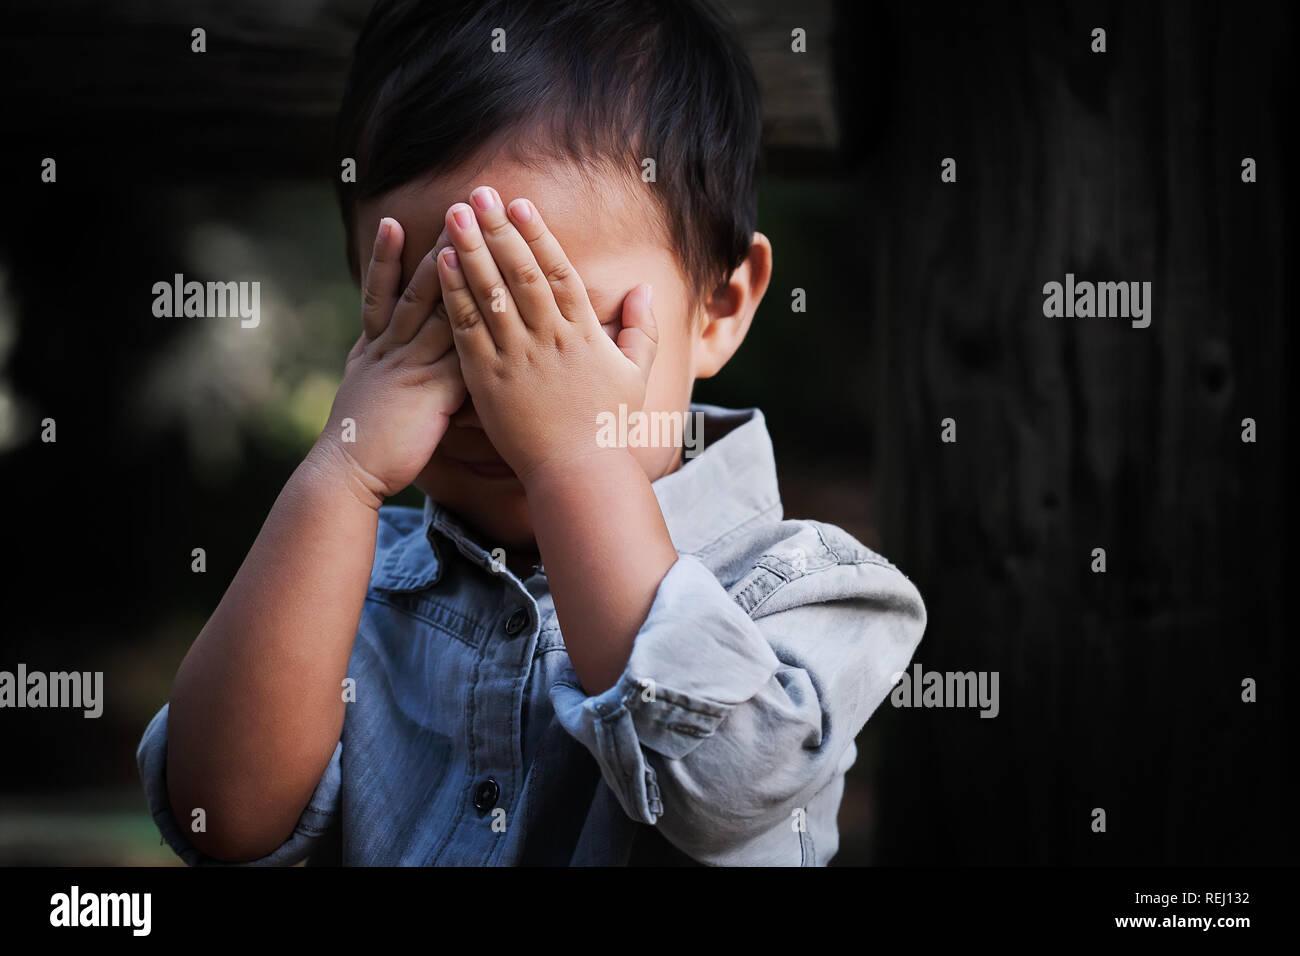 Un jeune garçon de l'âge enfant en couvrant son visage avec les mains, montrant des signes de détresse, la peur et la déception. Banque D'Images